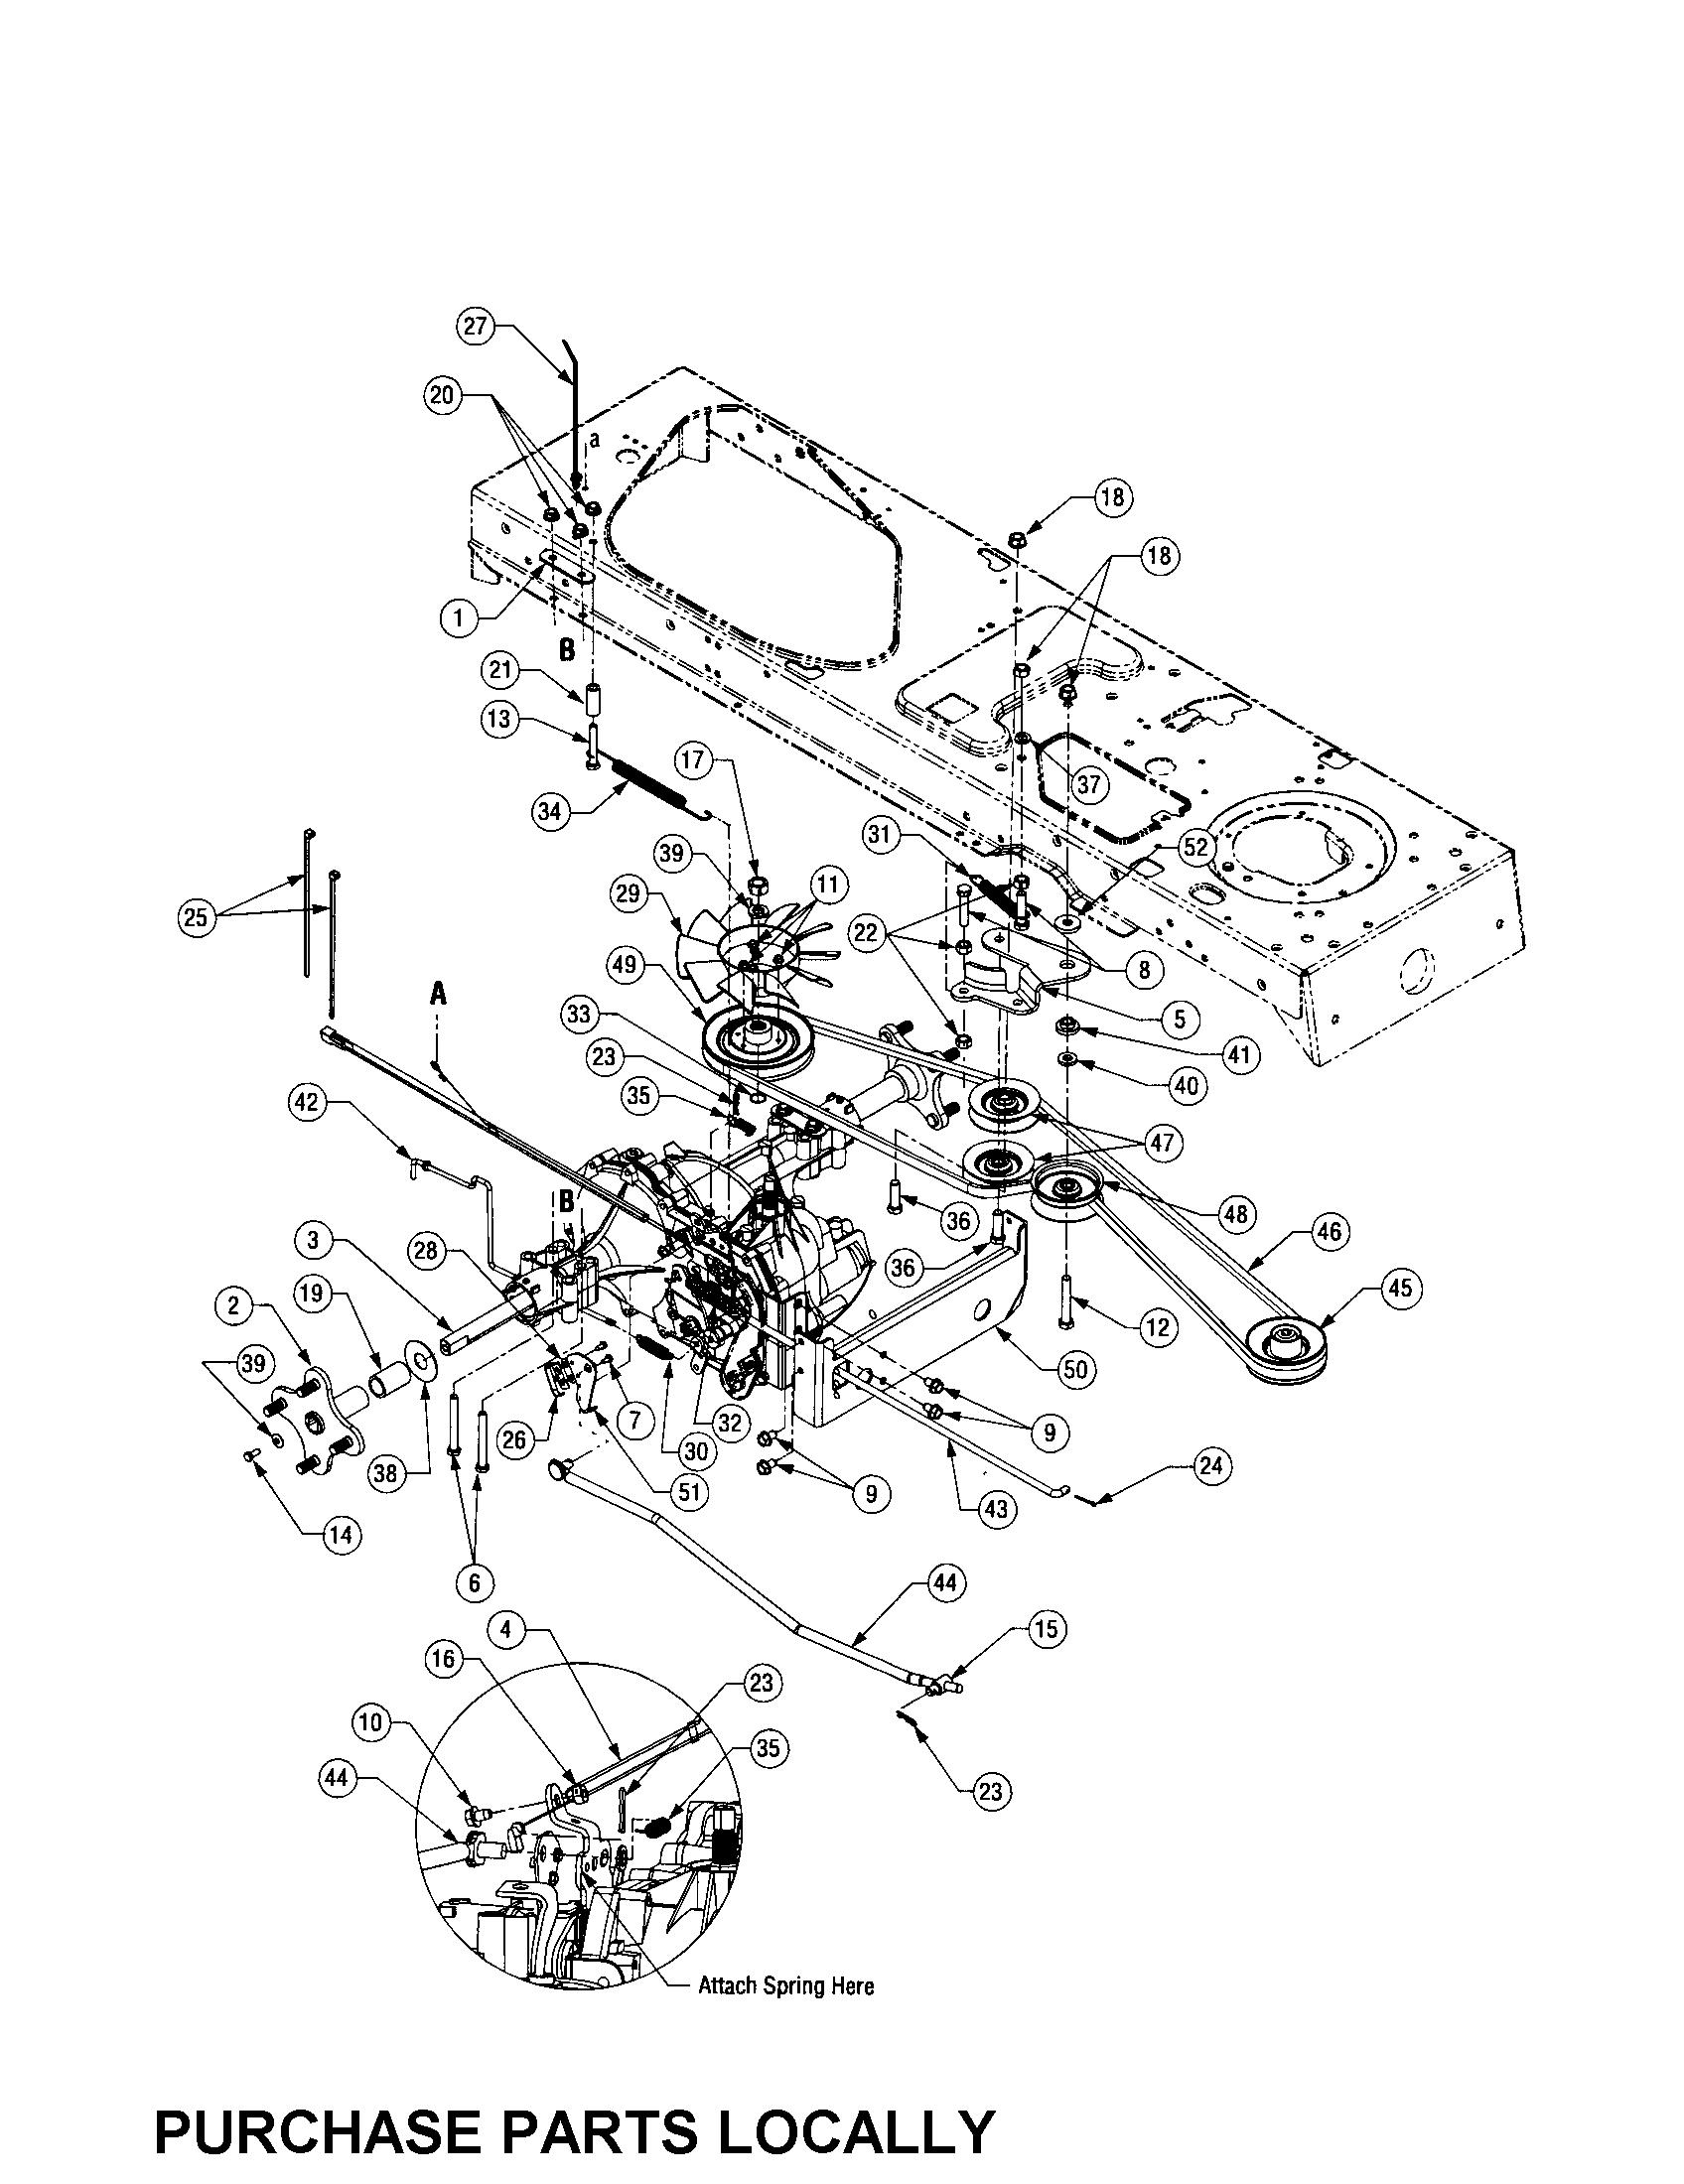 Cub-Cadet model LT1050 lawn, tractor genuine parts